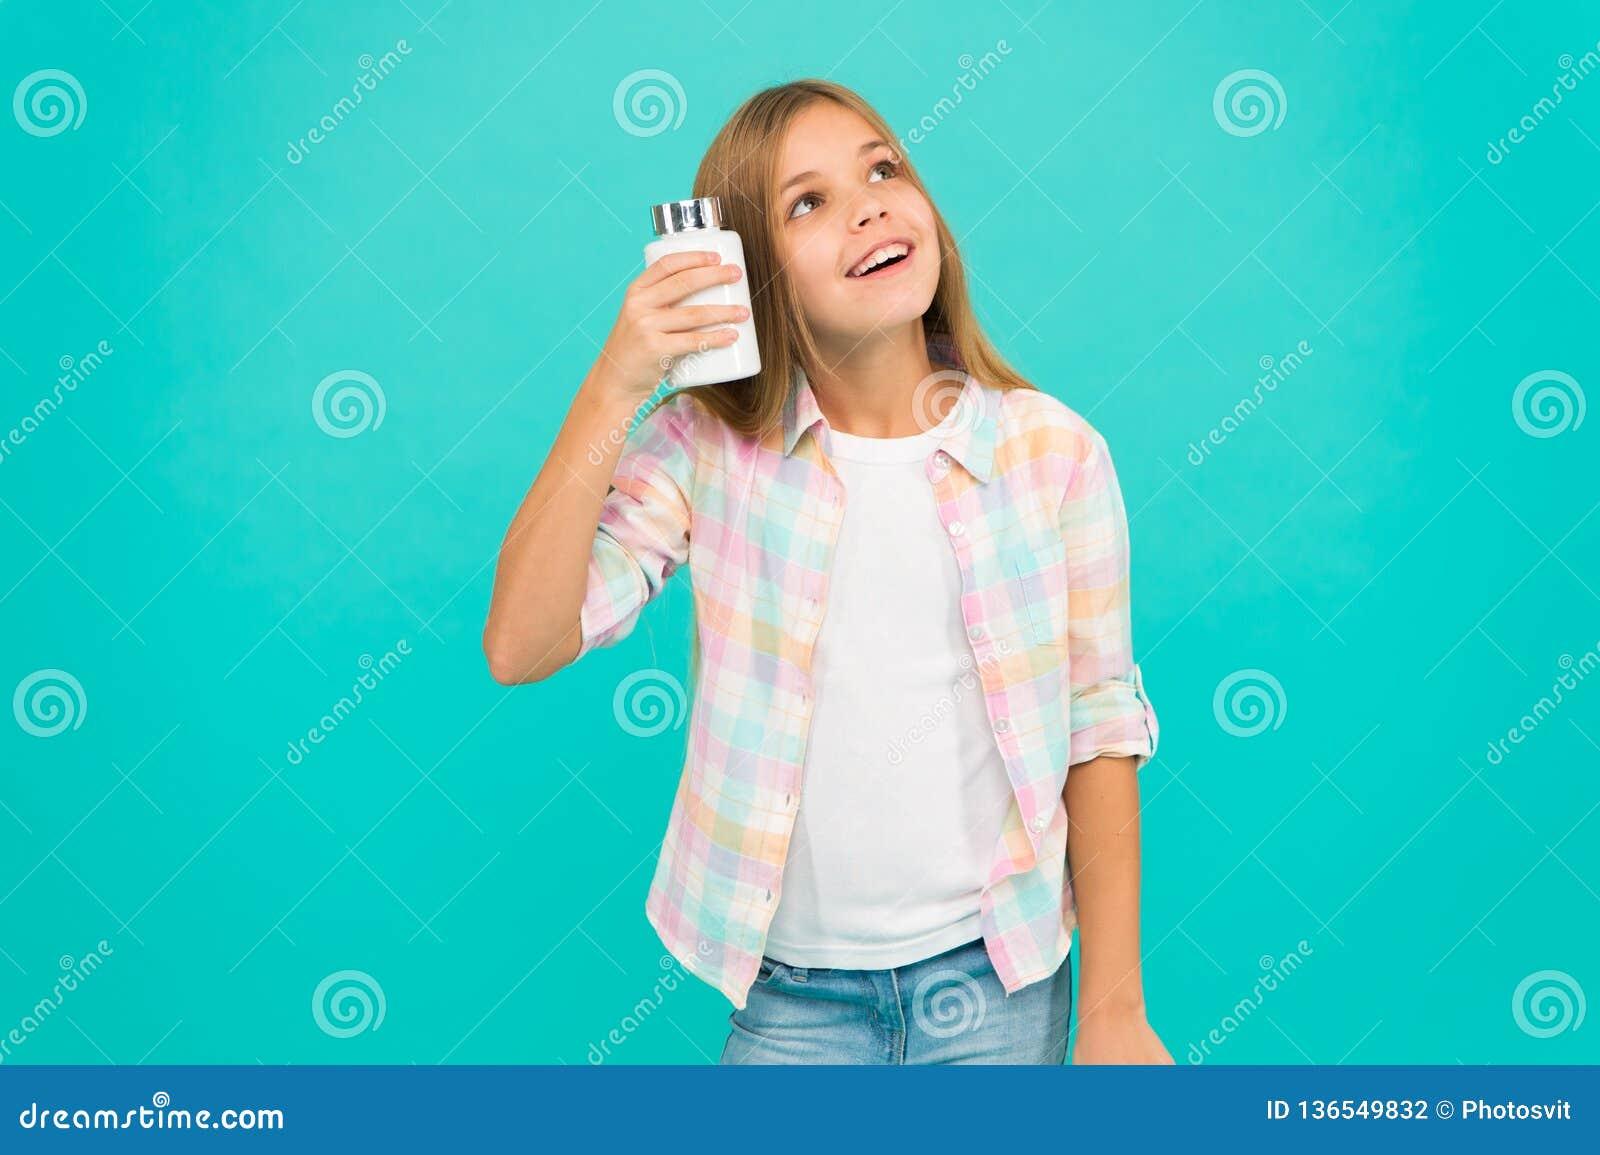 Dodaje witaminę twój komiśniak Potrzeby witaminy nadprogramy Najwięcej znacząco kopalin i witaminy twój dzieciak potrzeba vite